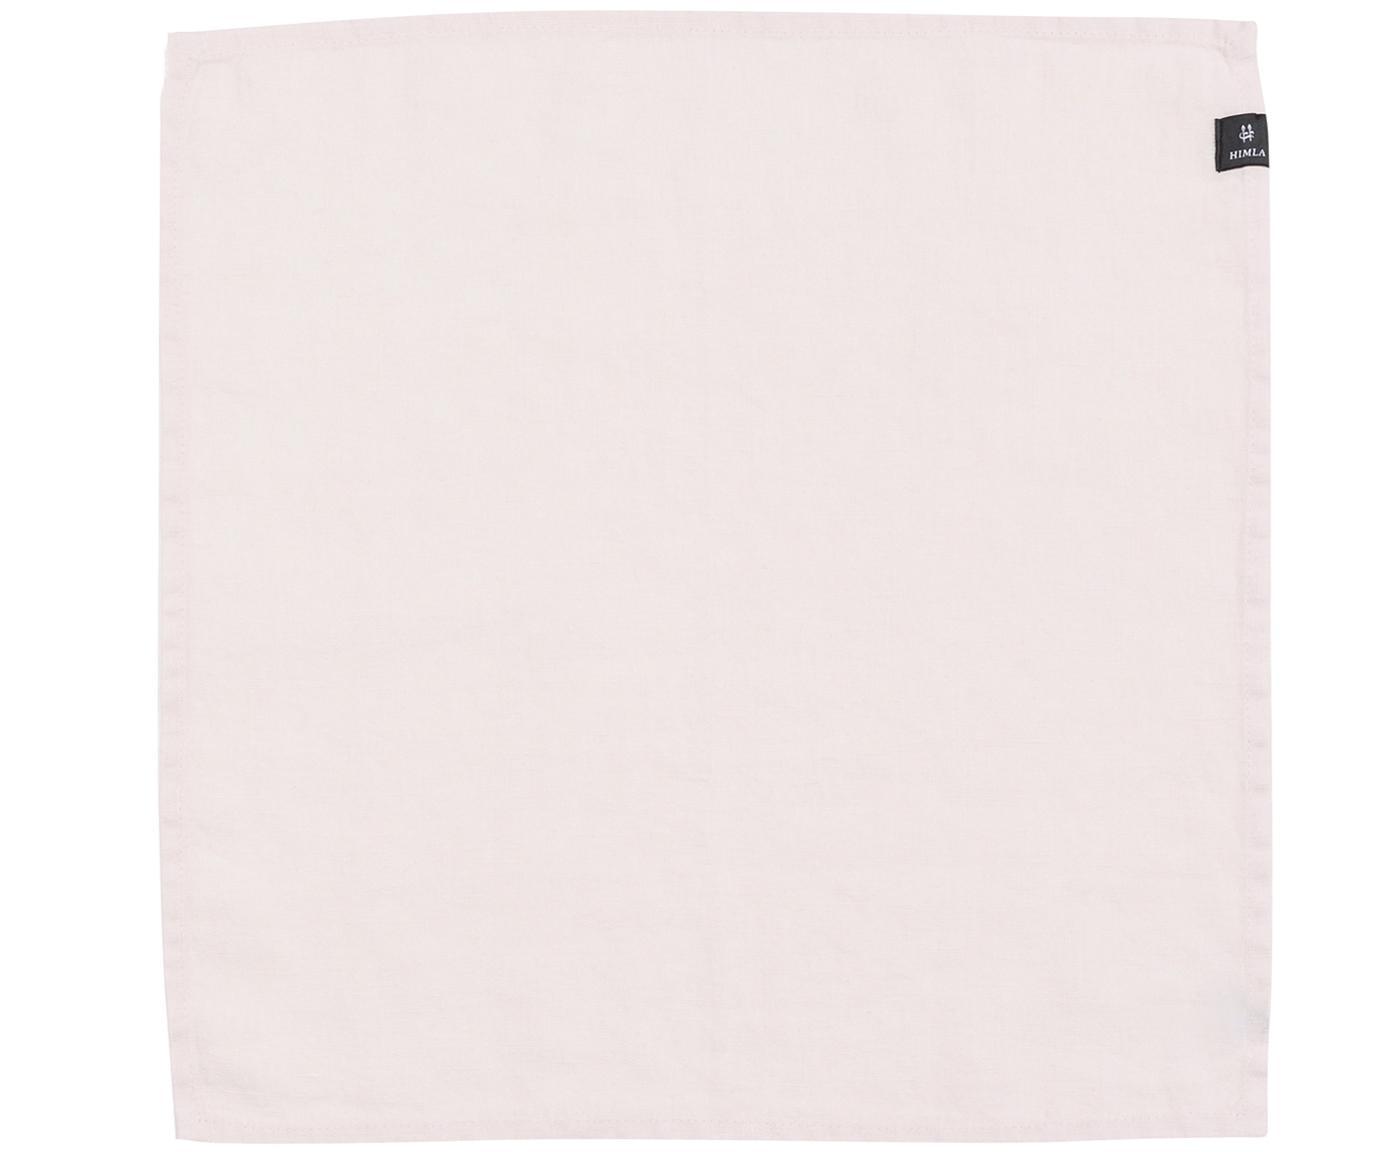 Linnen servetten Sunshine, 4 stuks, Linnen, Roze, 45 x 45 cm